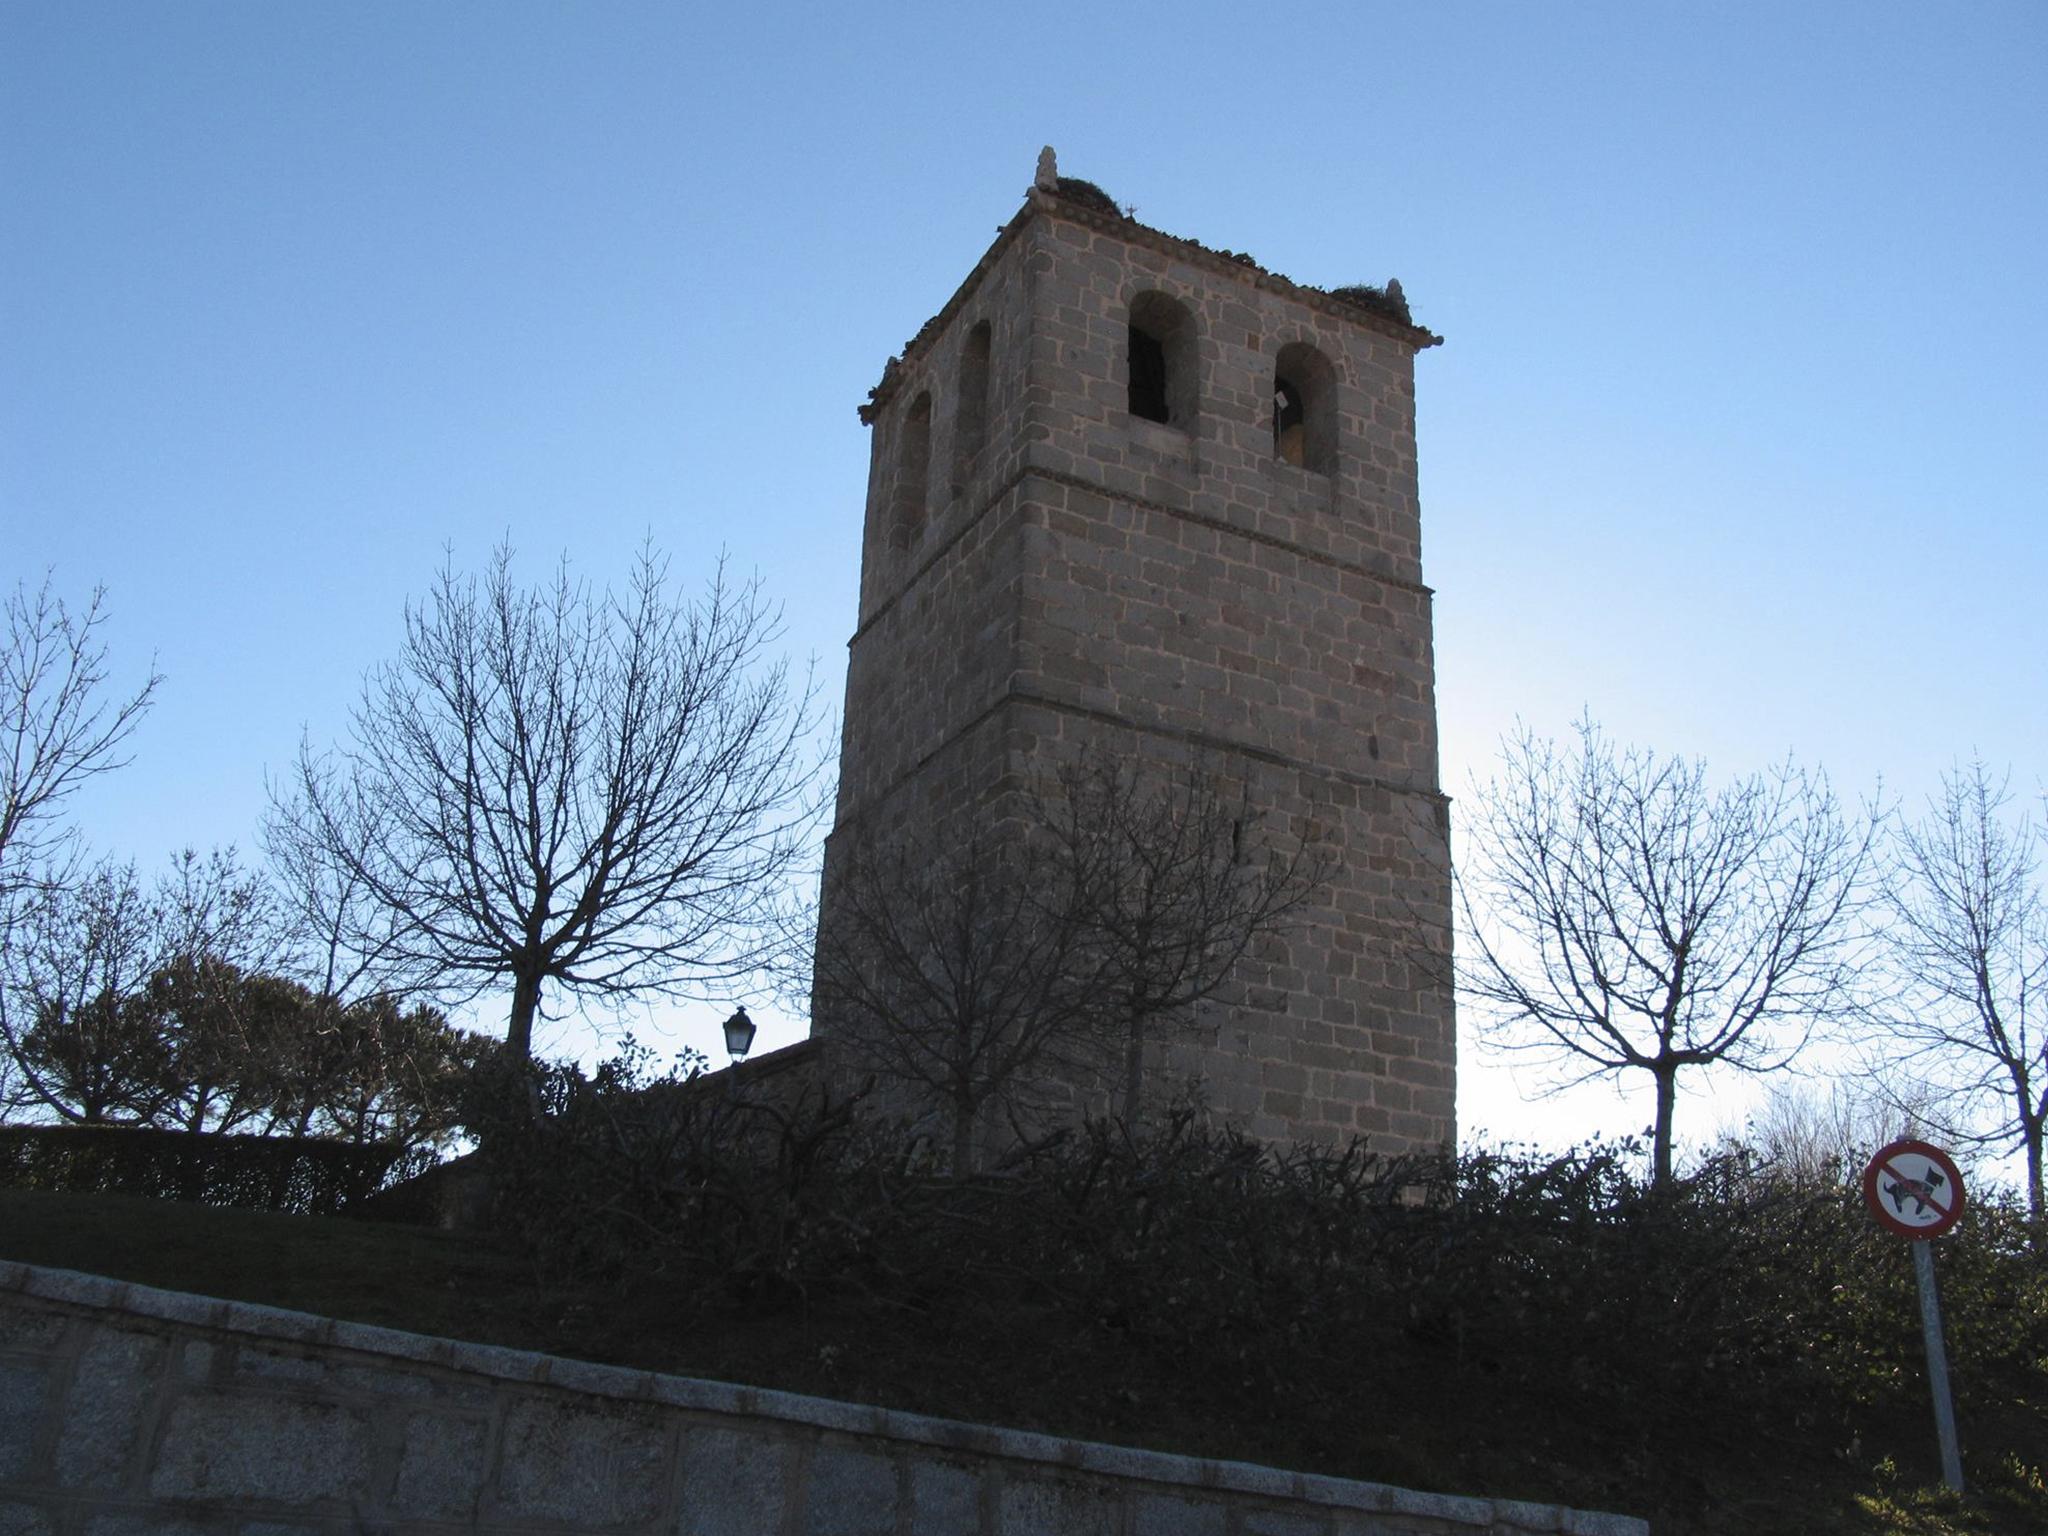 Galeria_monumentos_Torre